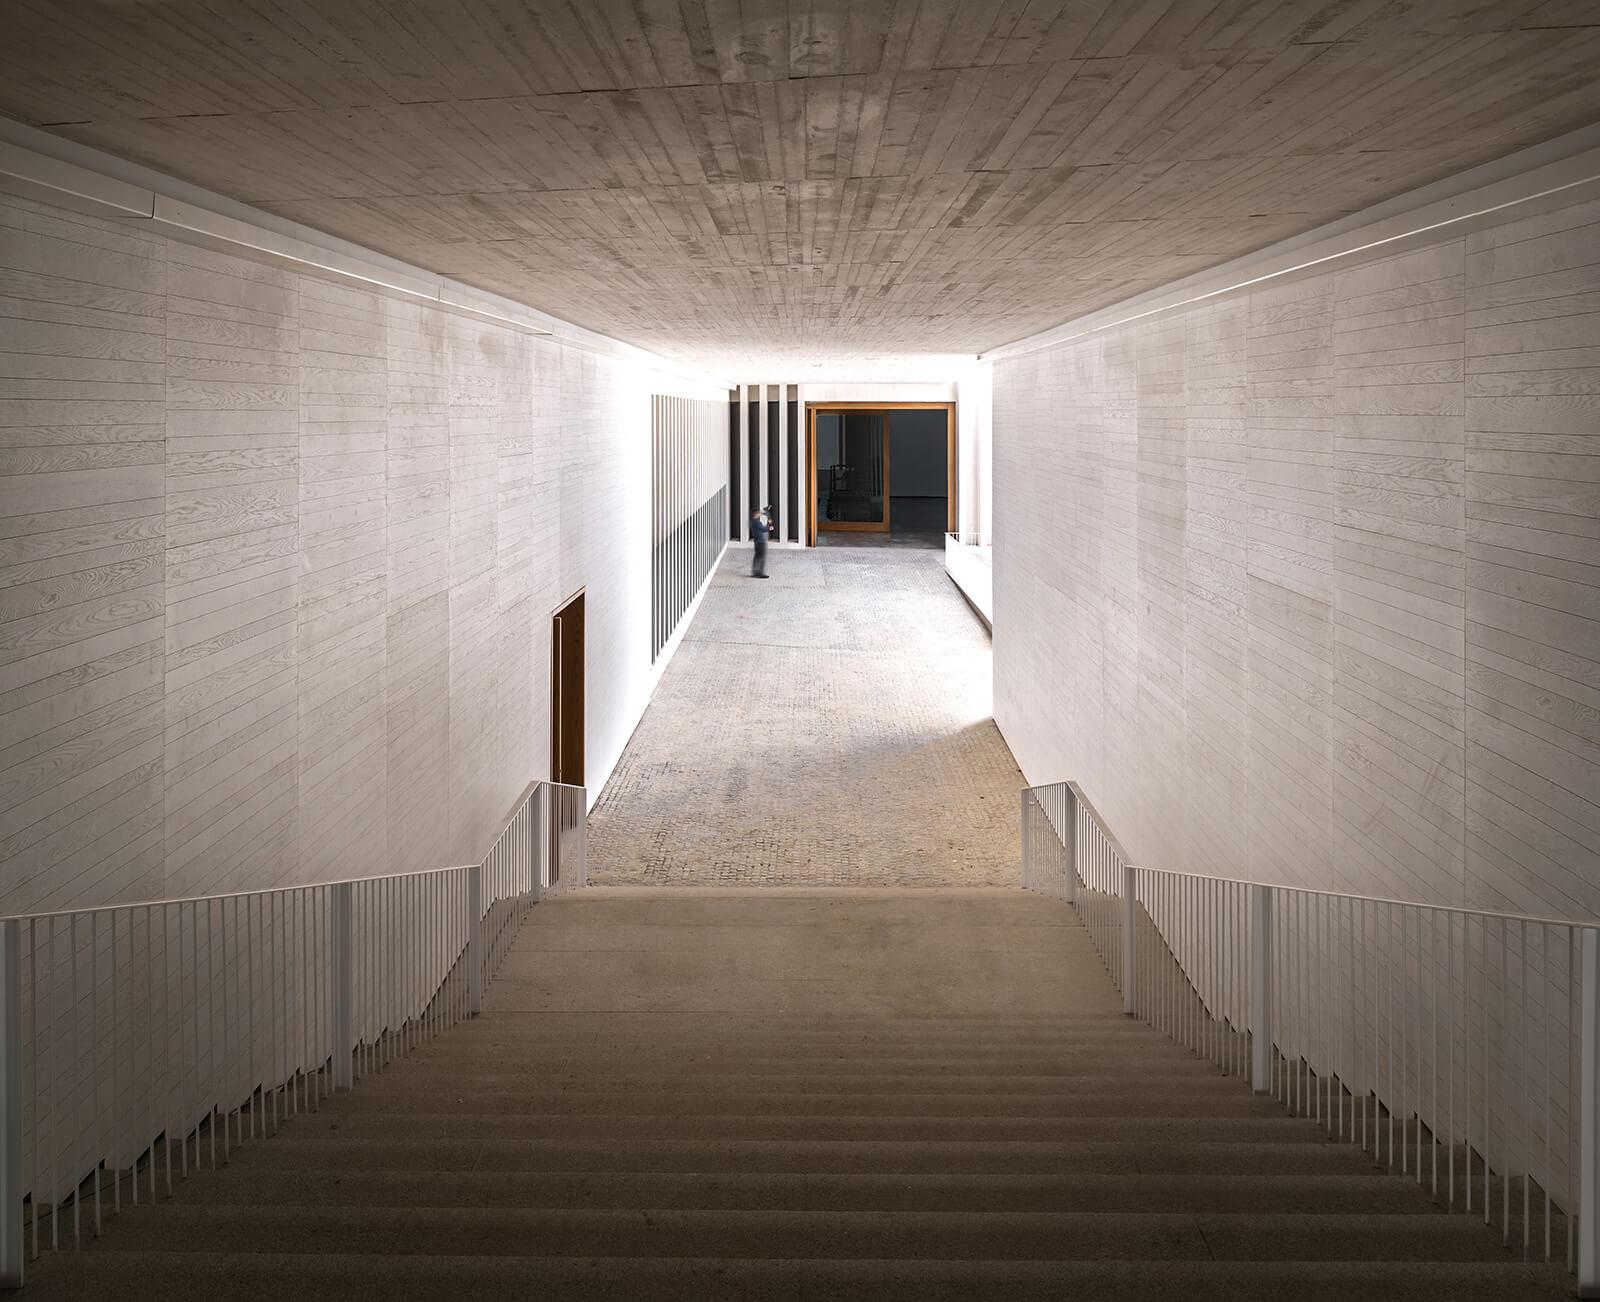 Museo de Arte Contemporáneo Helga de Alvear  - 7 1 46